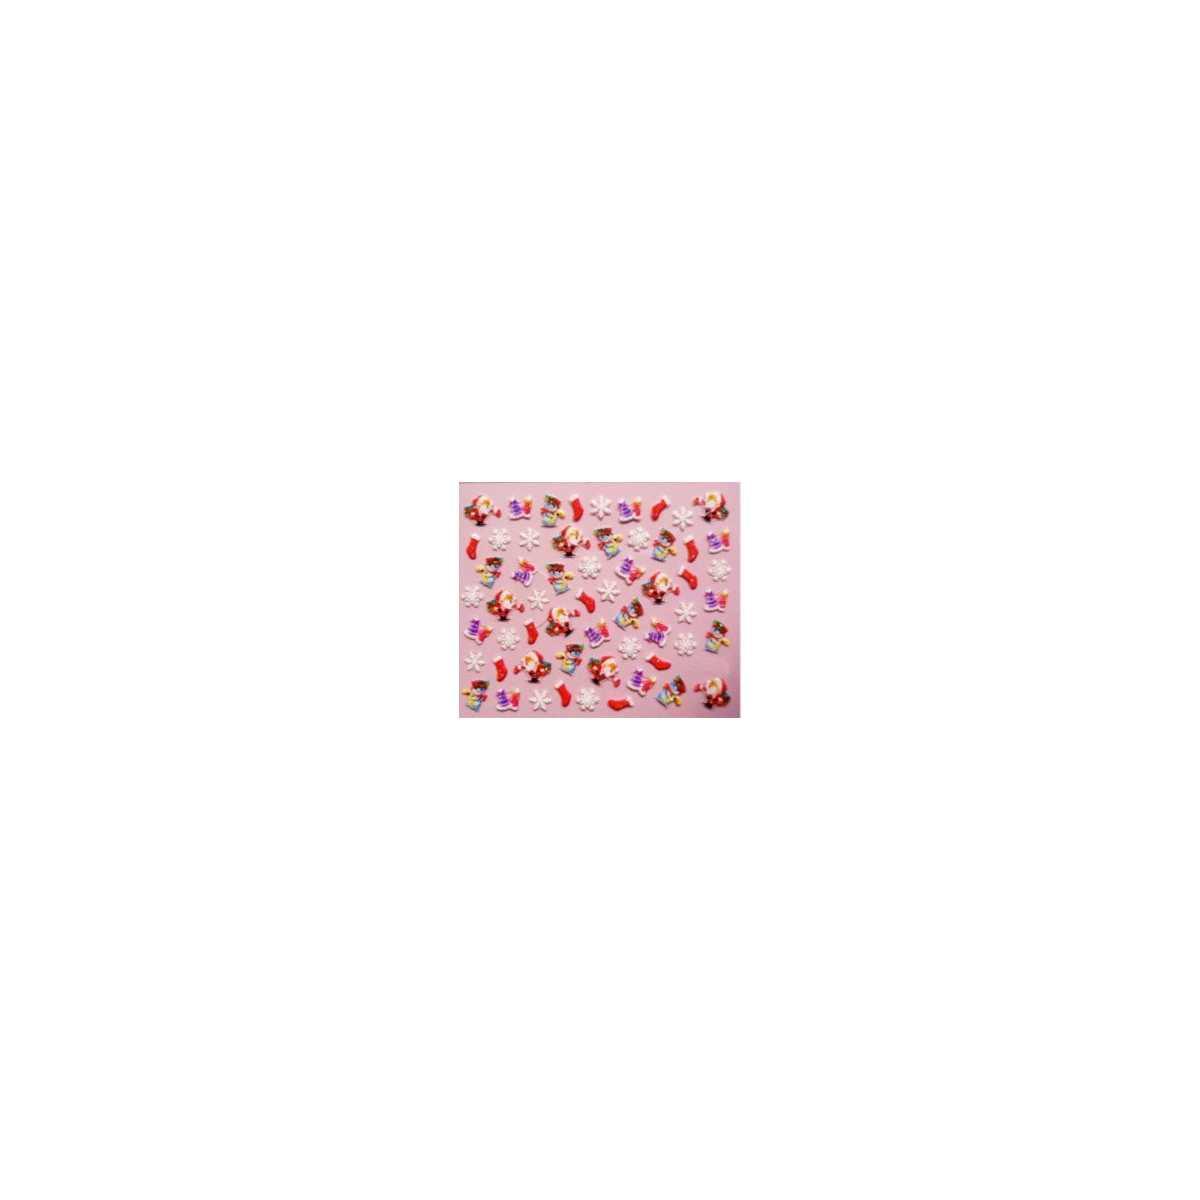 https://www.kit-manucure.com/745-thickbox_default/stickers-pour-ongle-père-noël-flocon-de-neige-bonhomme-de-neige-à-paillettes.jpg